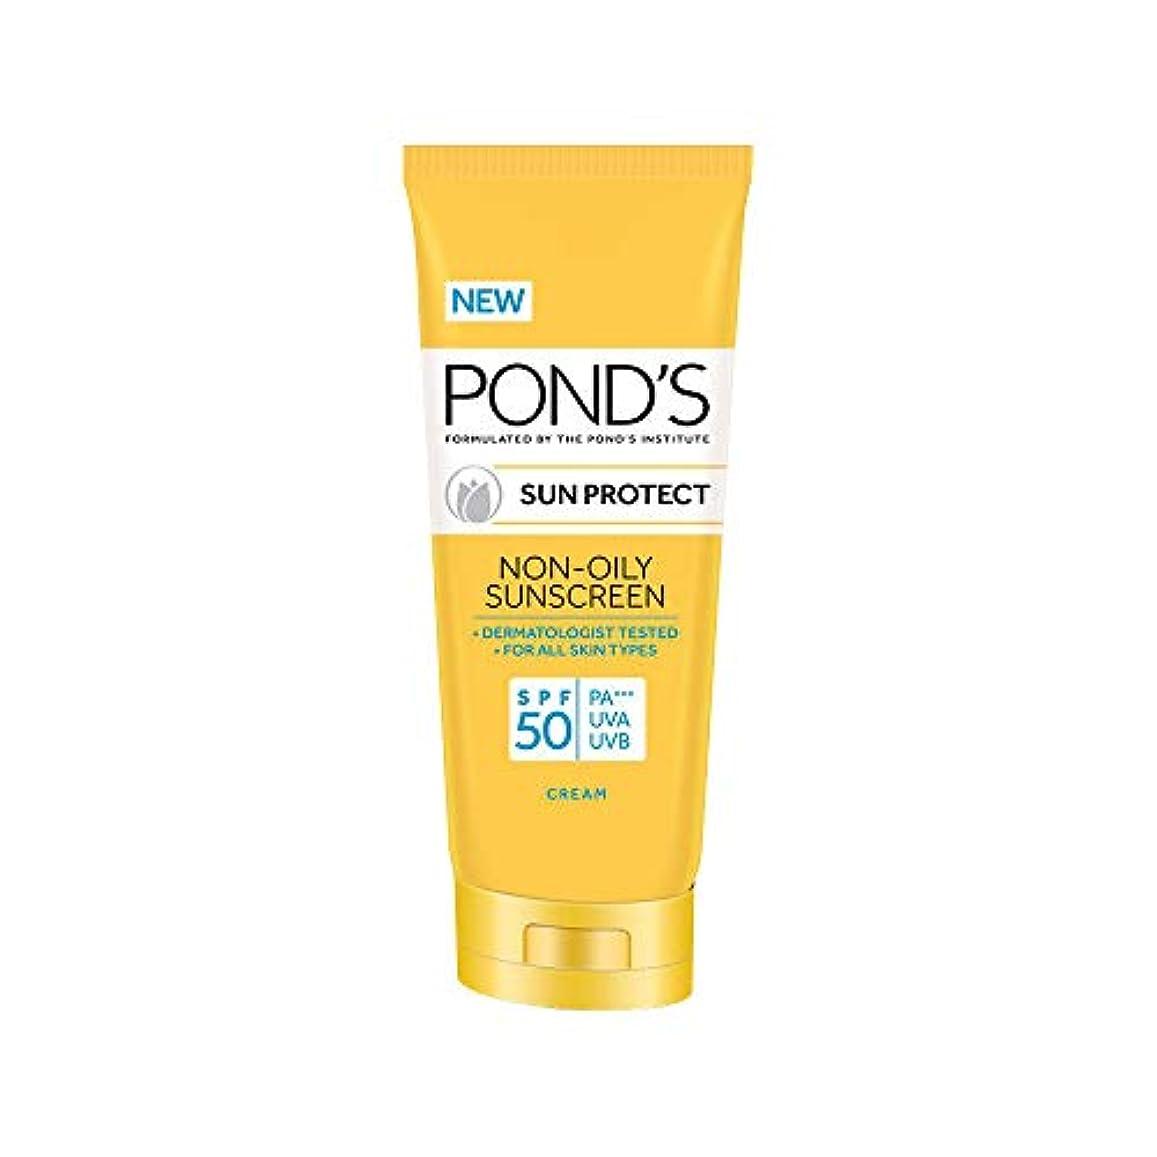 はい拍車お酢POND'S SPF 50 Sun Protect Non-Oily Sunscreen, 80 g